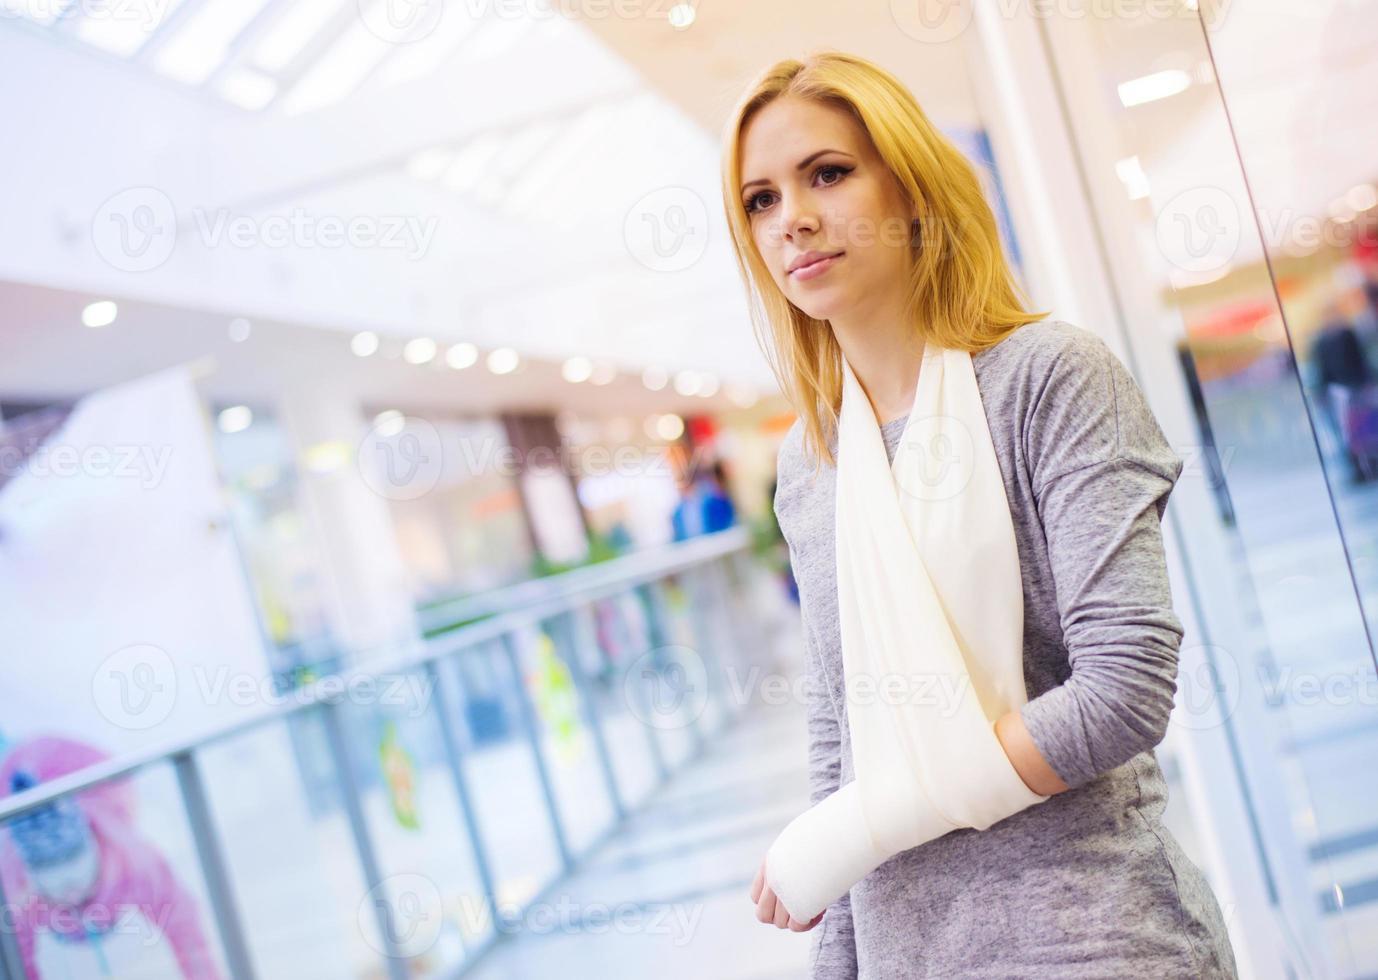 donna con braccio rotto foto